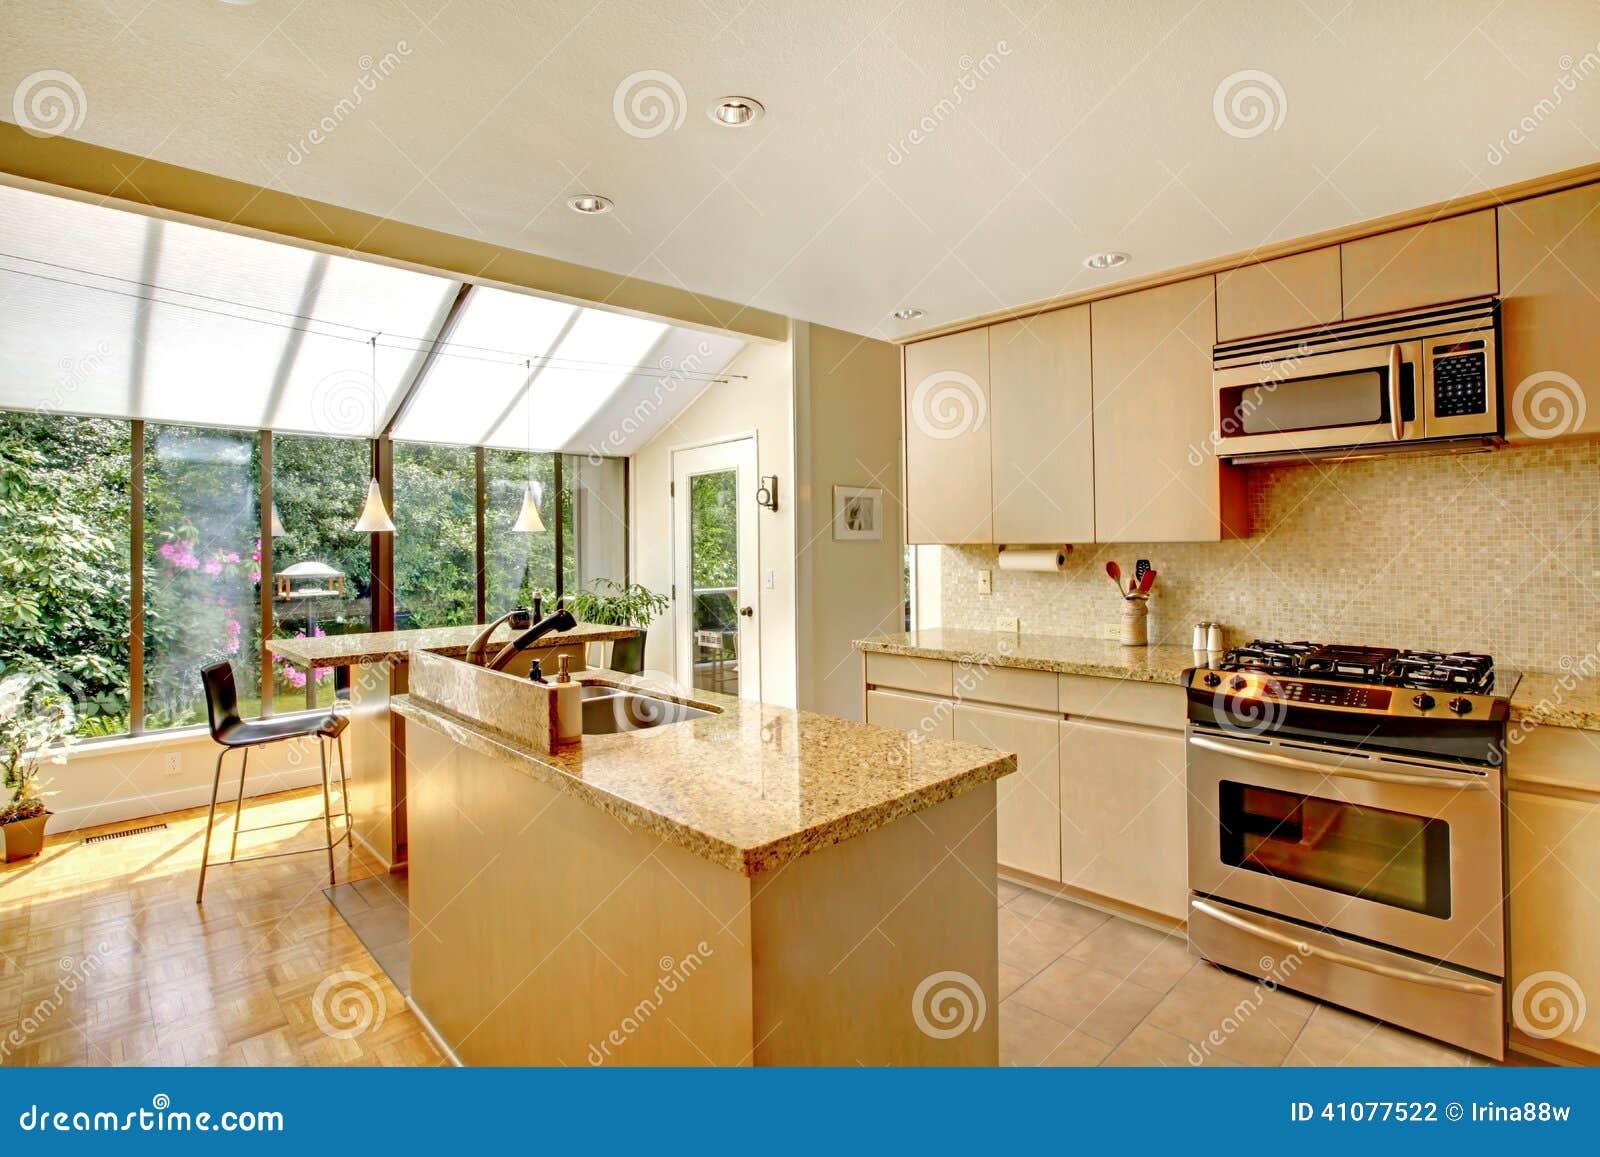 Programma di pavimento aperto cucina e portico schermato for Software di piano di pavimento del garage